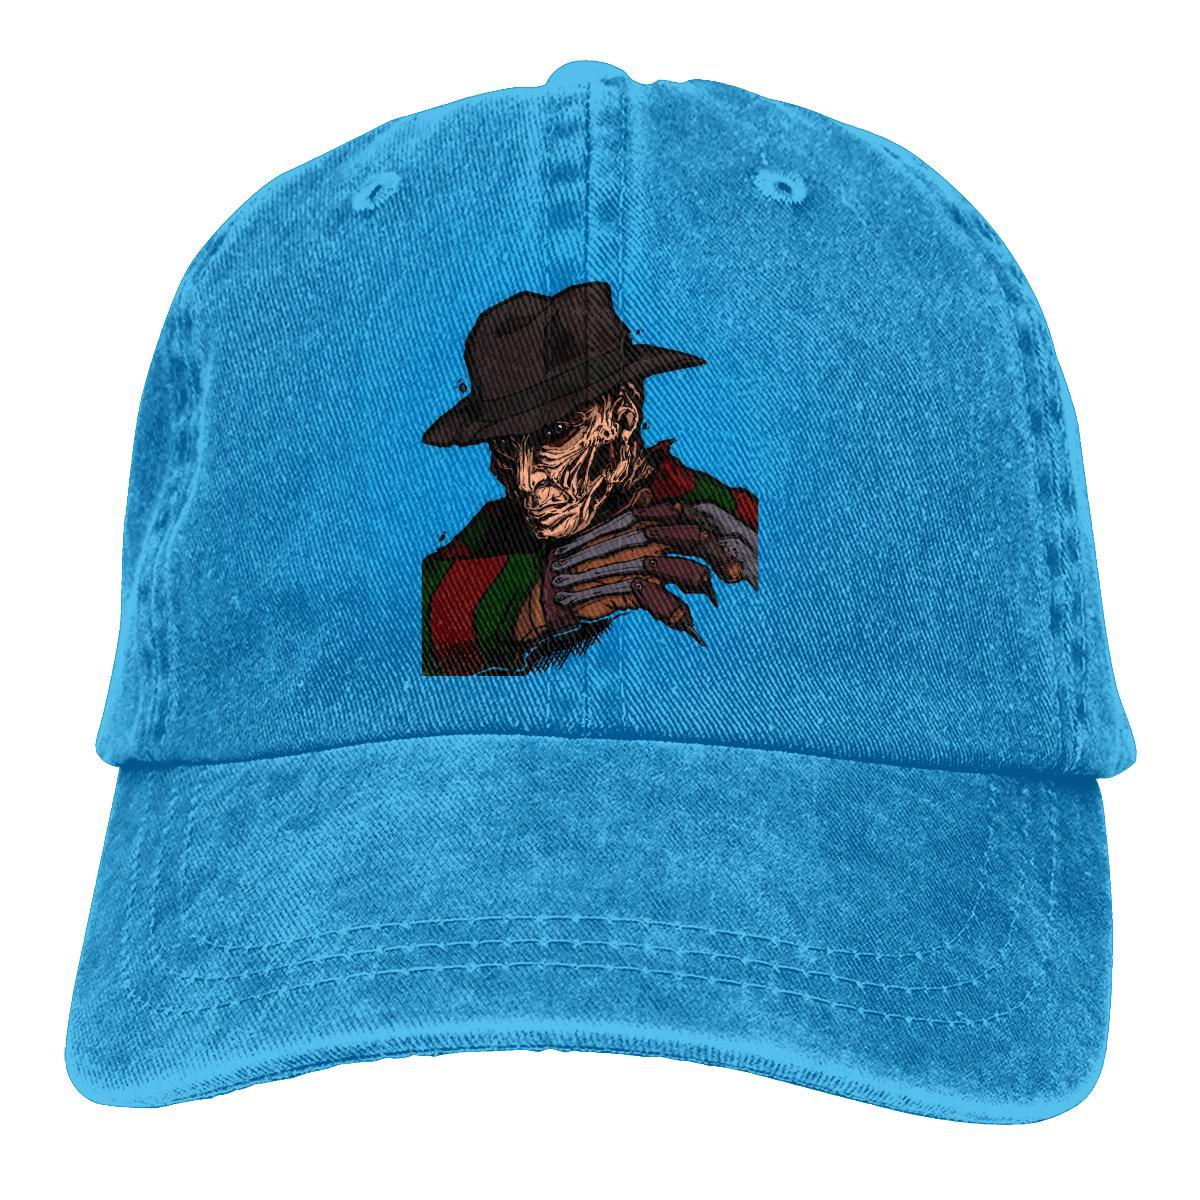 NOISYDESIGNS 2019 Vente chaude Chapeau Hommes Fredy Dessin Cap Hip Hop Western pare-soleil lumière Gorro Hombre Impression 3D Chapeau